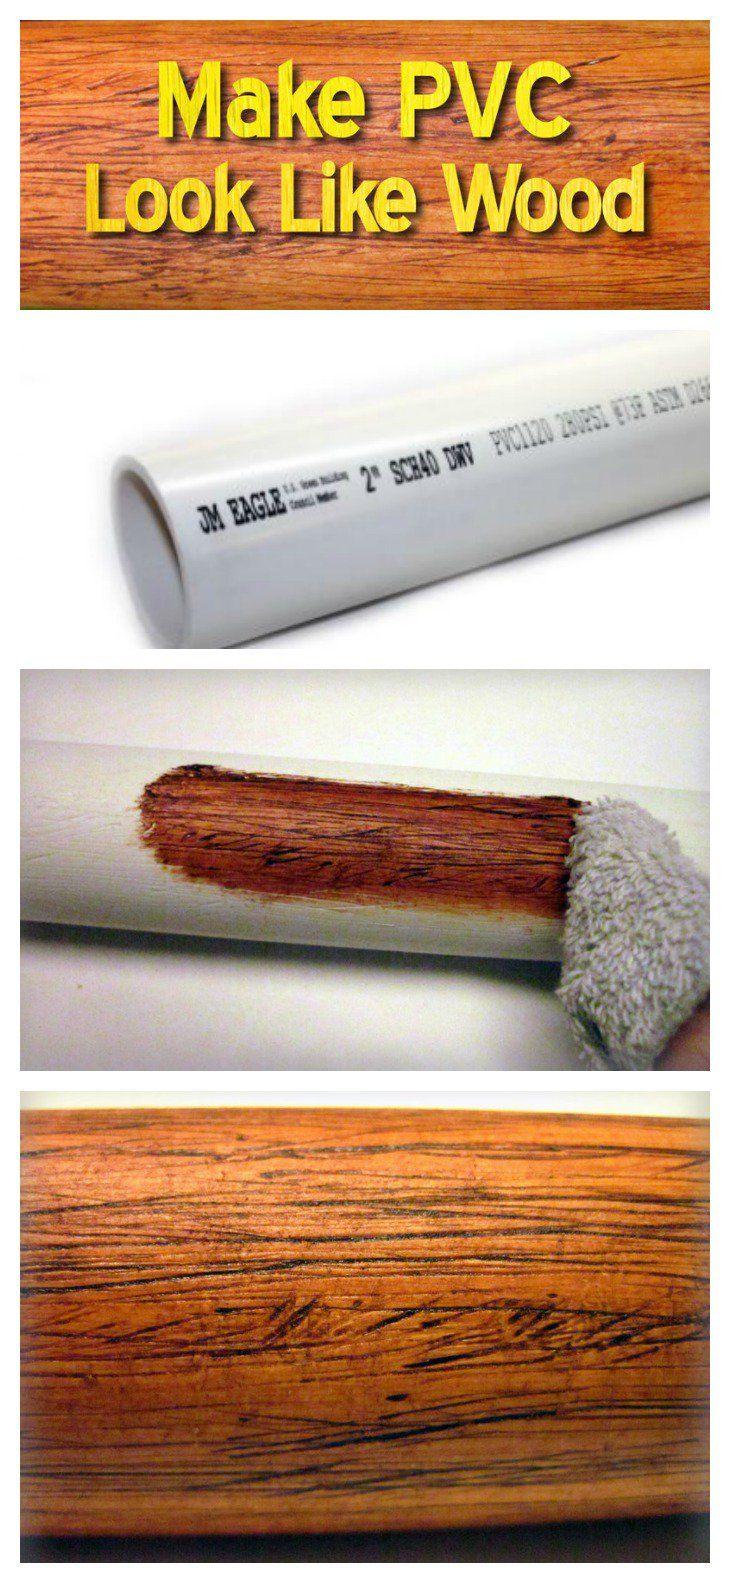 Eine Genius-Idee, um PVC wie Holz aussehen zu lassen